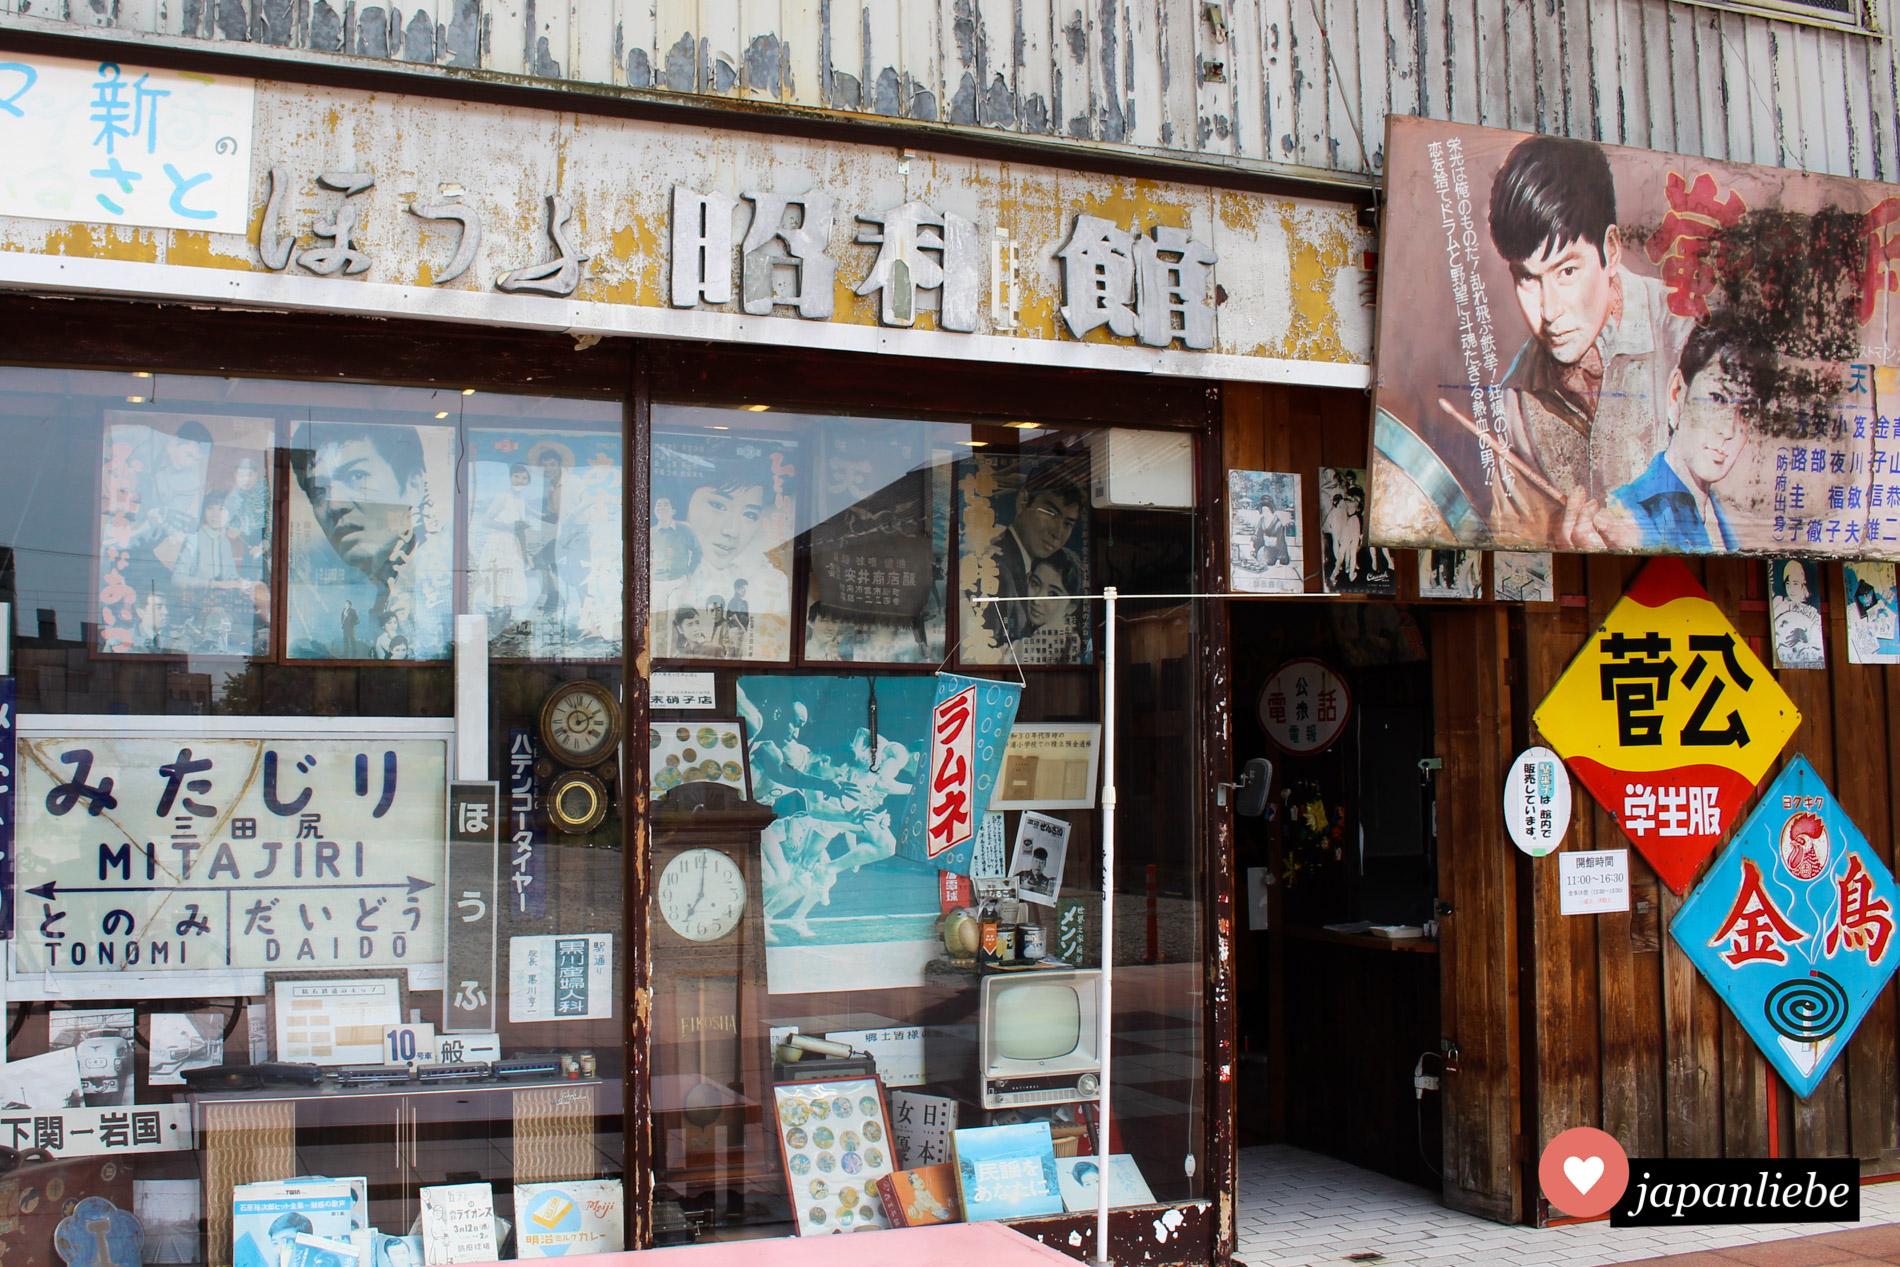 Eine überdachte Einkaufsstrasse auf dem Weg vom Bahnhof zum Hōfu Tenman-gu Schrein säumen viele nostalgische Geschäfte.